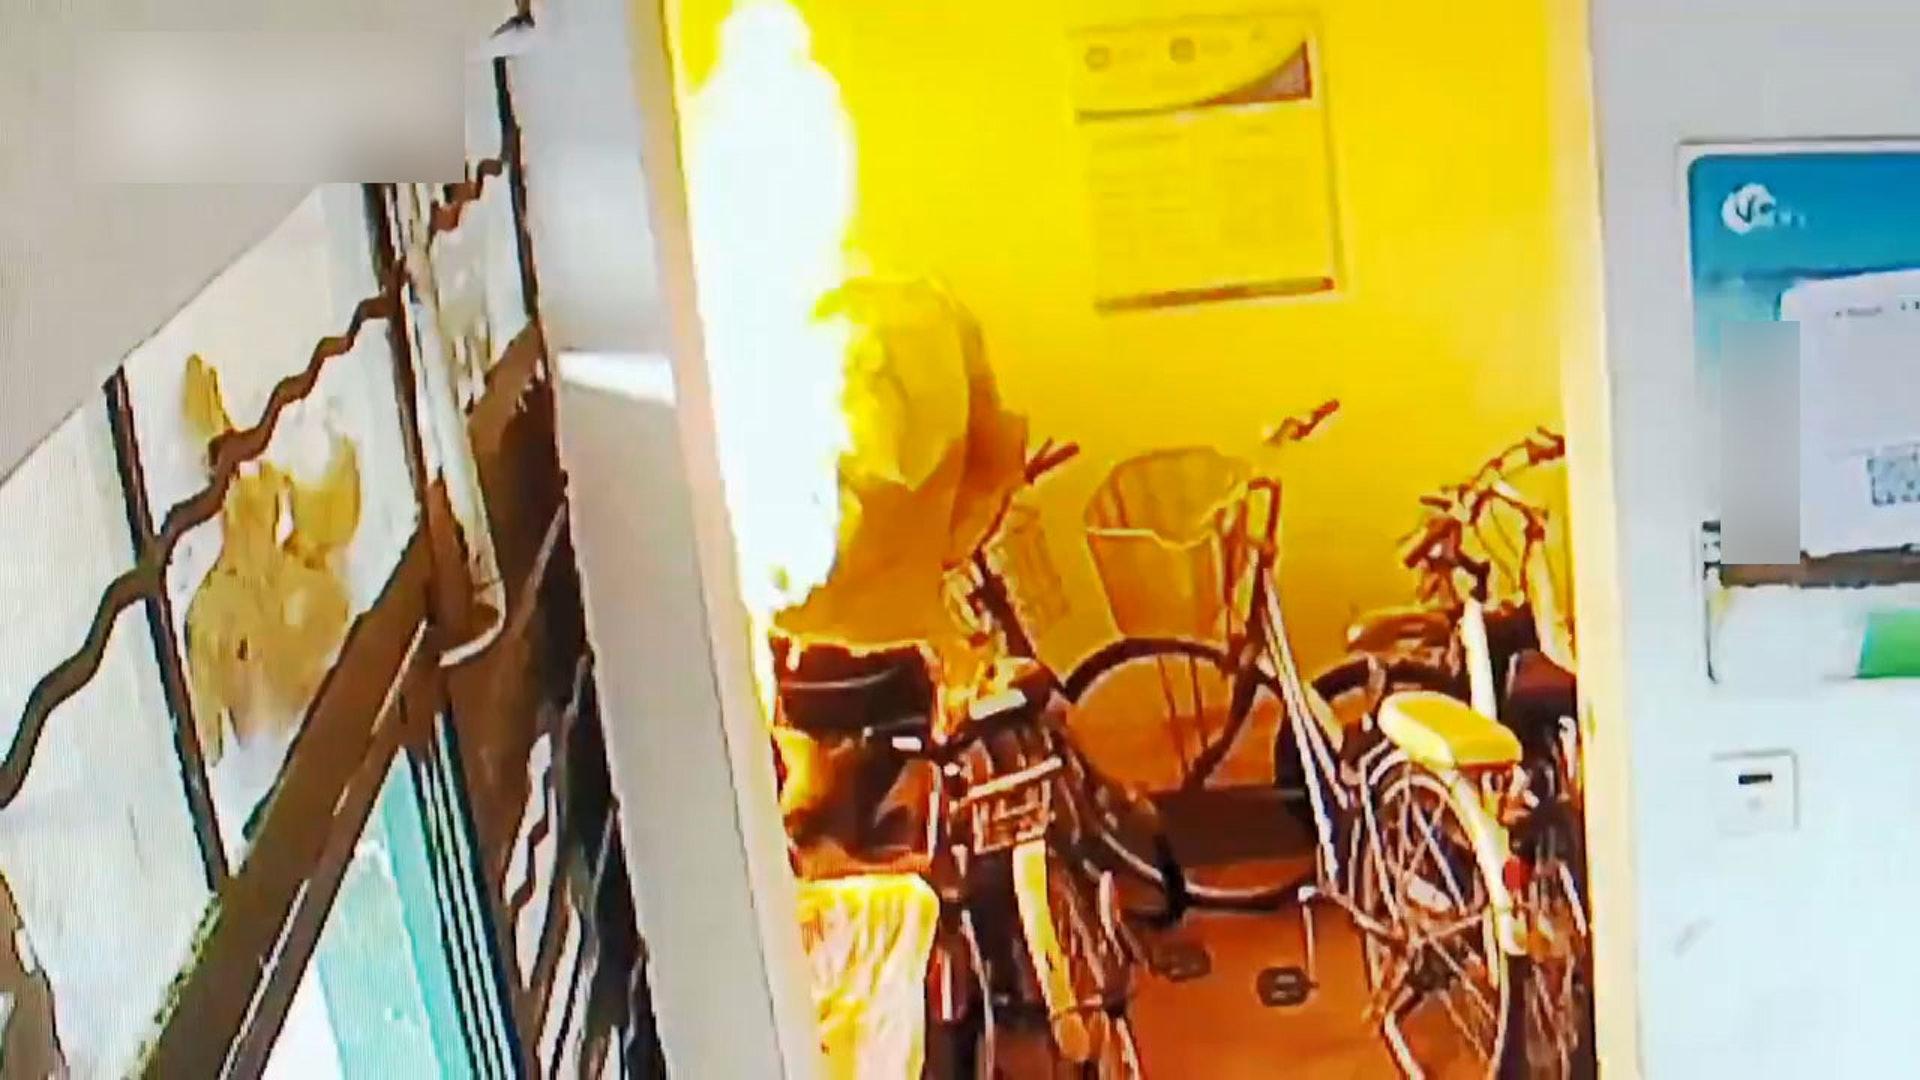 大媽放狗隨地大小便!用鄰居單車套擦尿 怕被發現「放火燒」